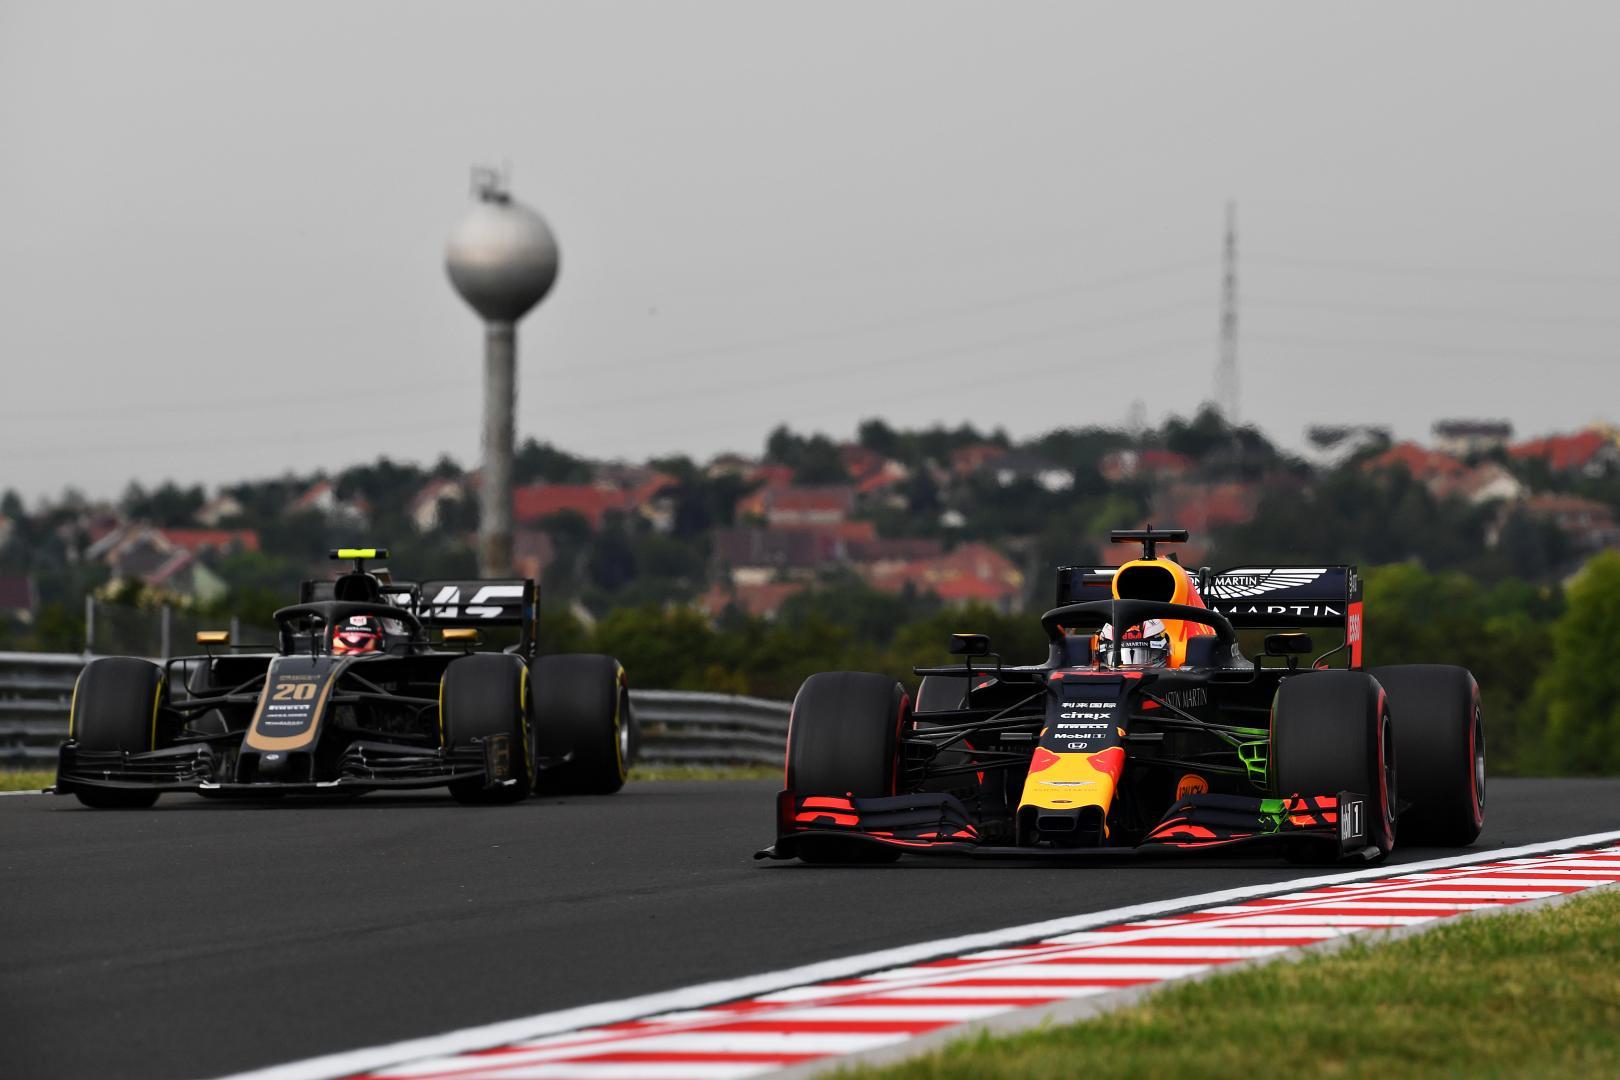 2e vrije training van de GP van Hongarije 2019